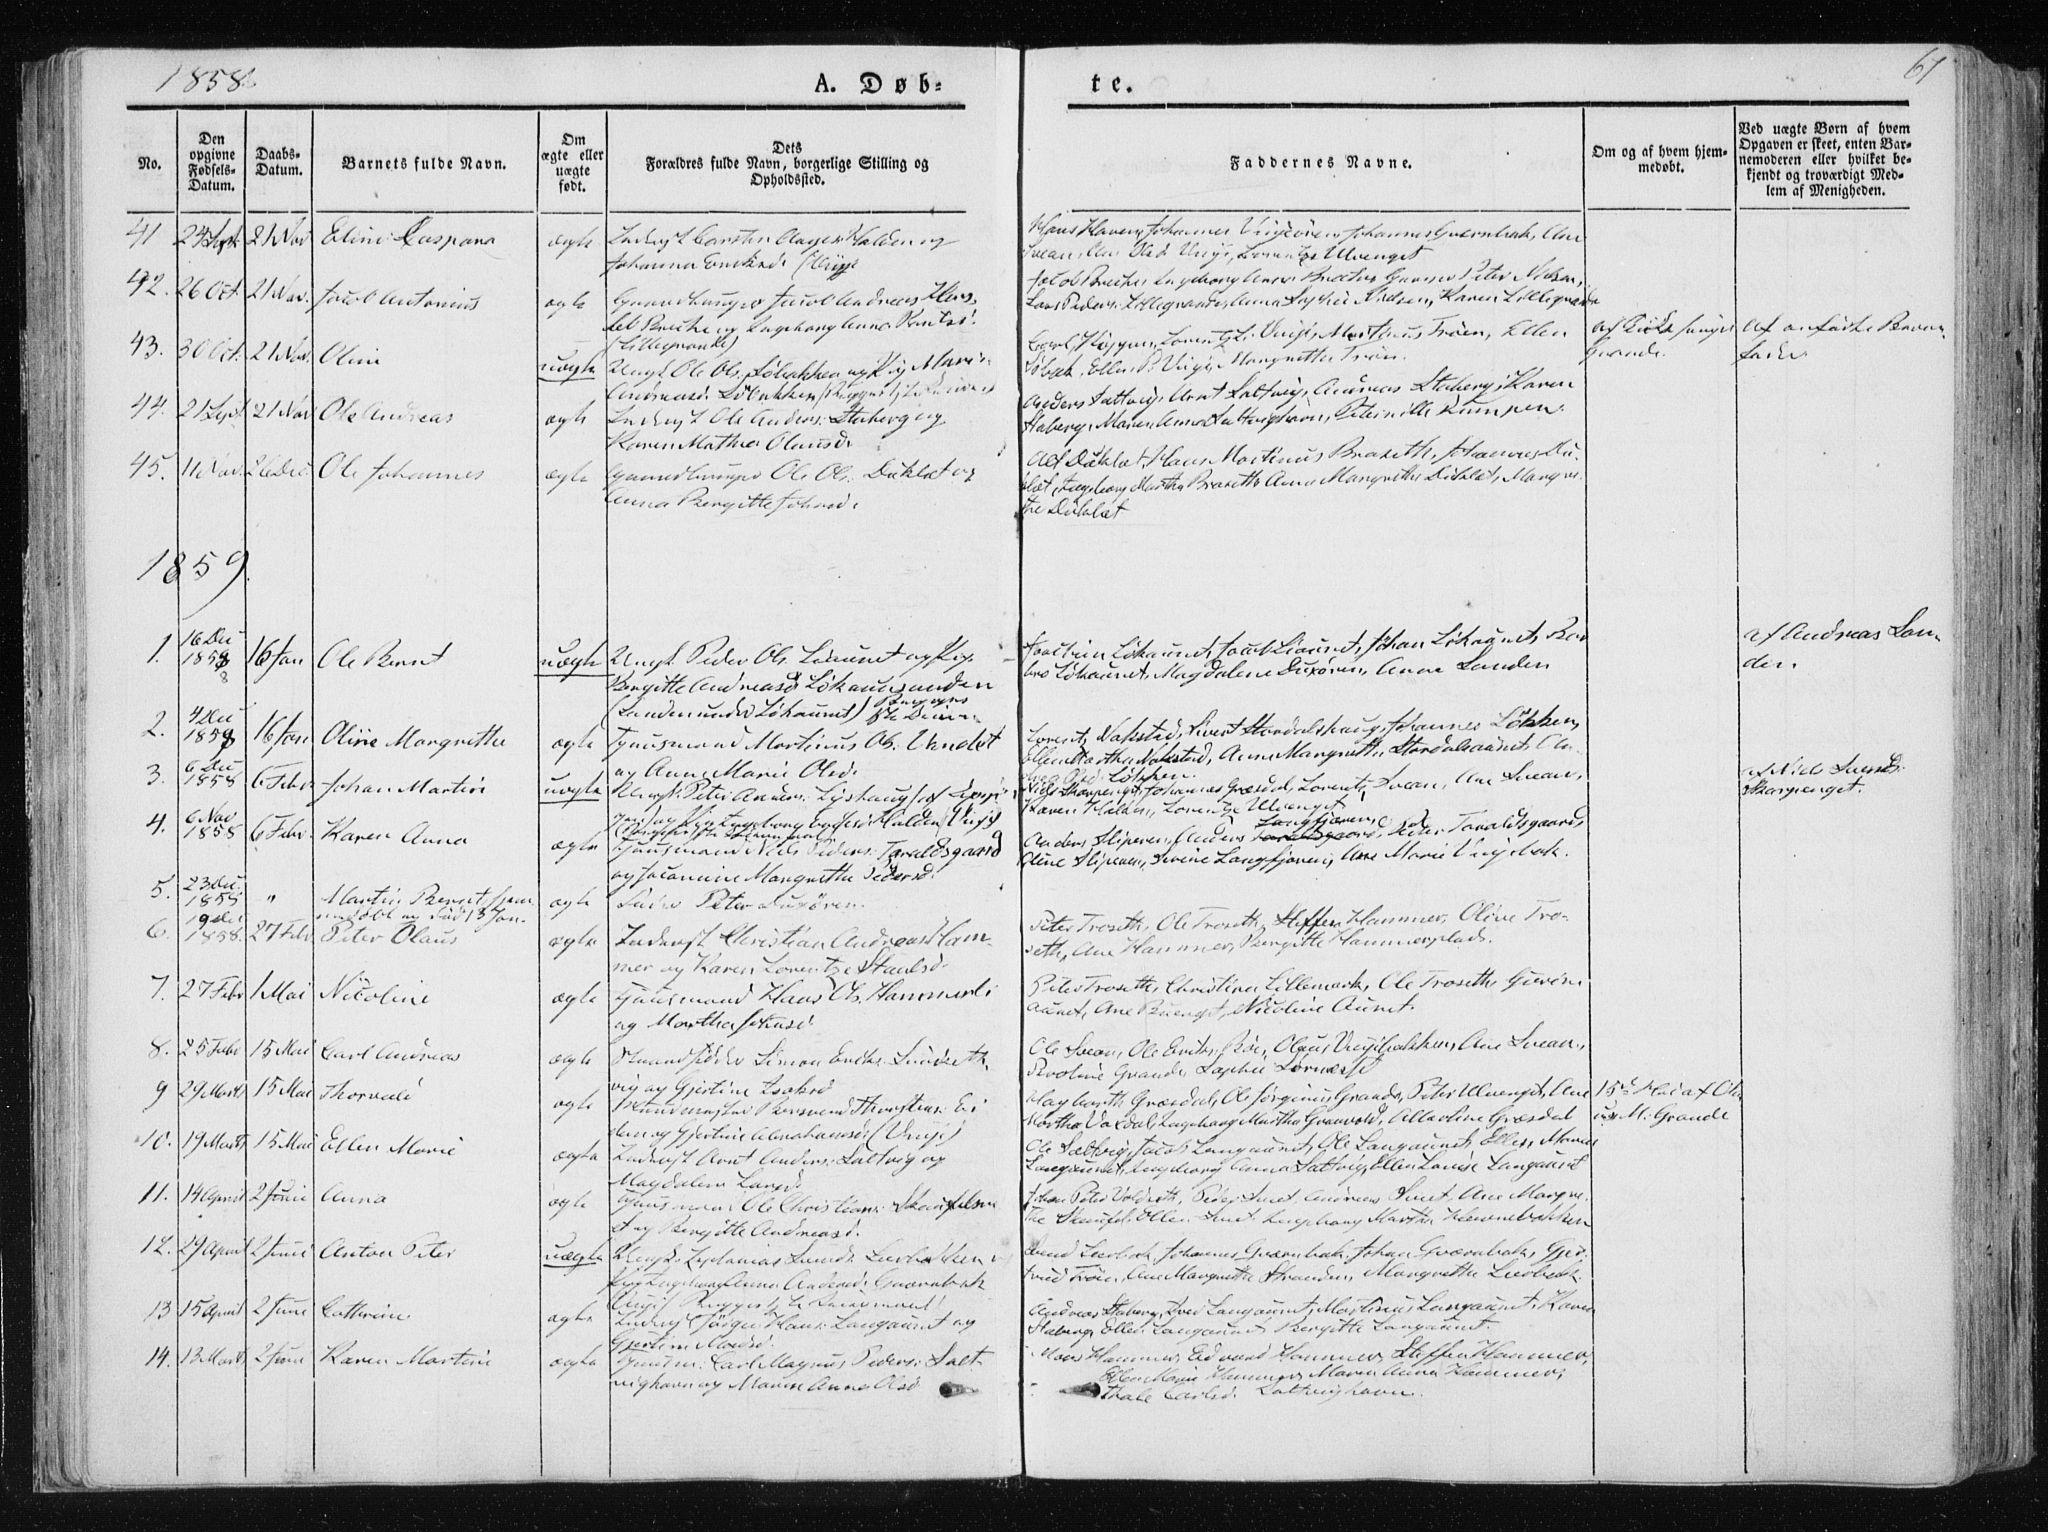 SAT, Ministerialprotokoller, klokkerbøker og fødselsregistre - Nord-Trøndelag, 733/L0323: Ministerialbok nr. 733A02, 1843-1870, s. 67